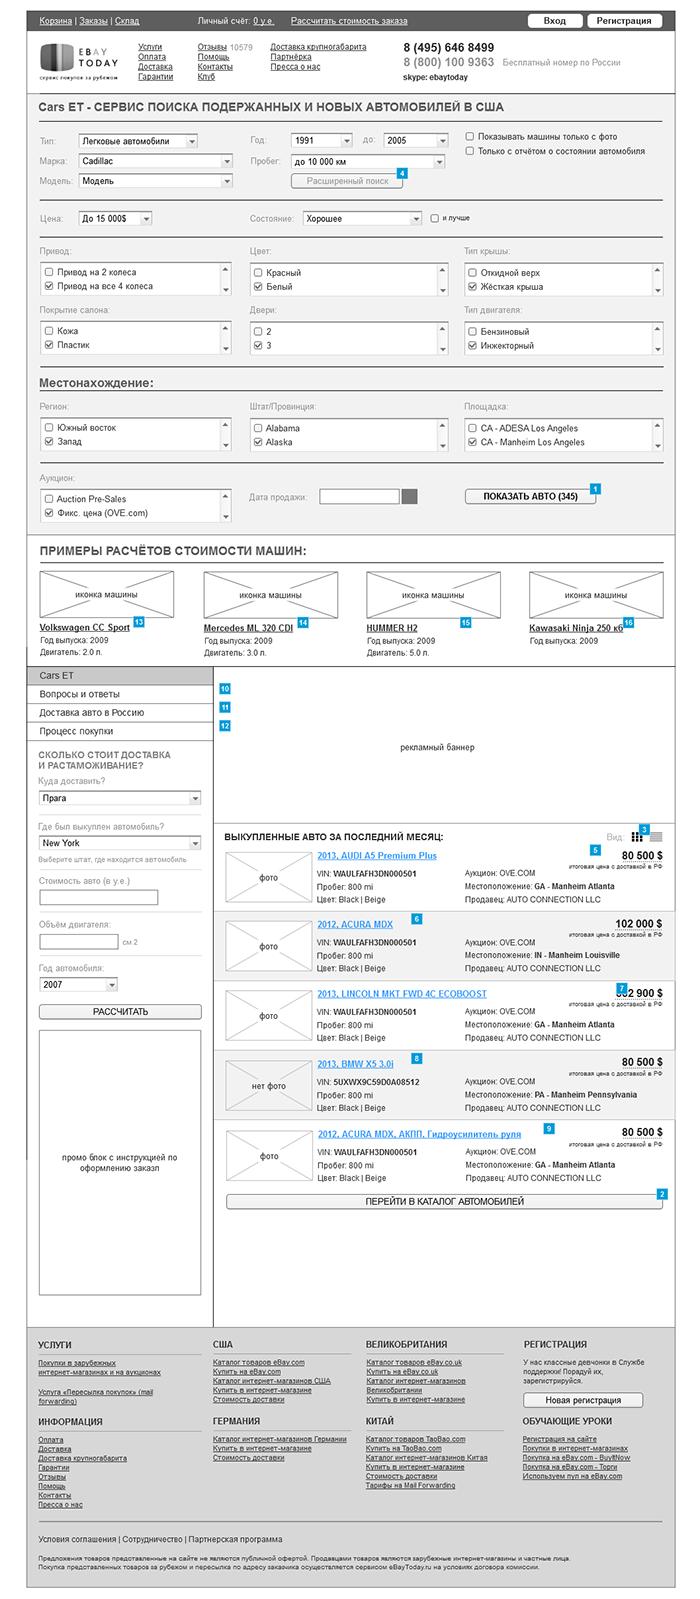 Проектирование раздела по продаже автомобилей с аукцинов для shopotam.ru (ex.ebaytoday) (9+ страниц)